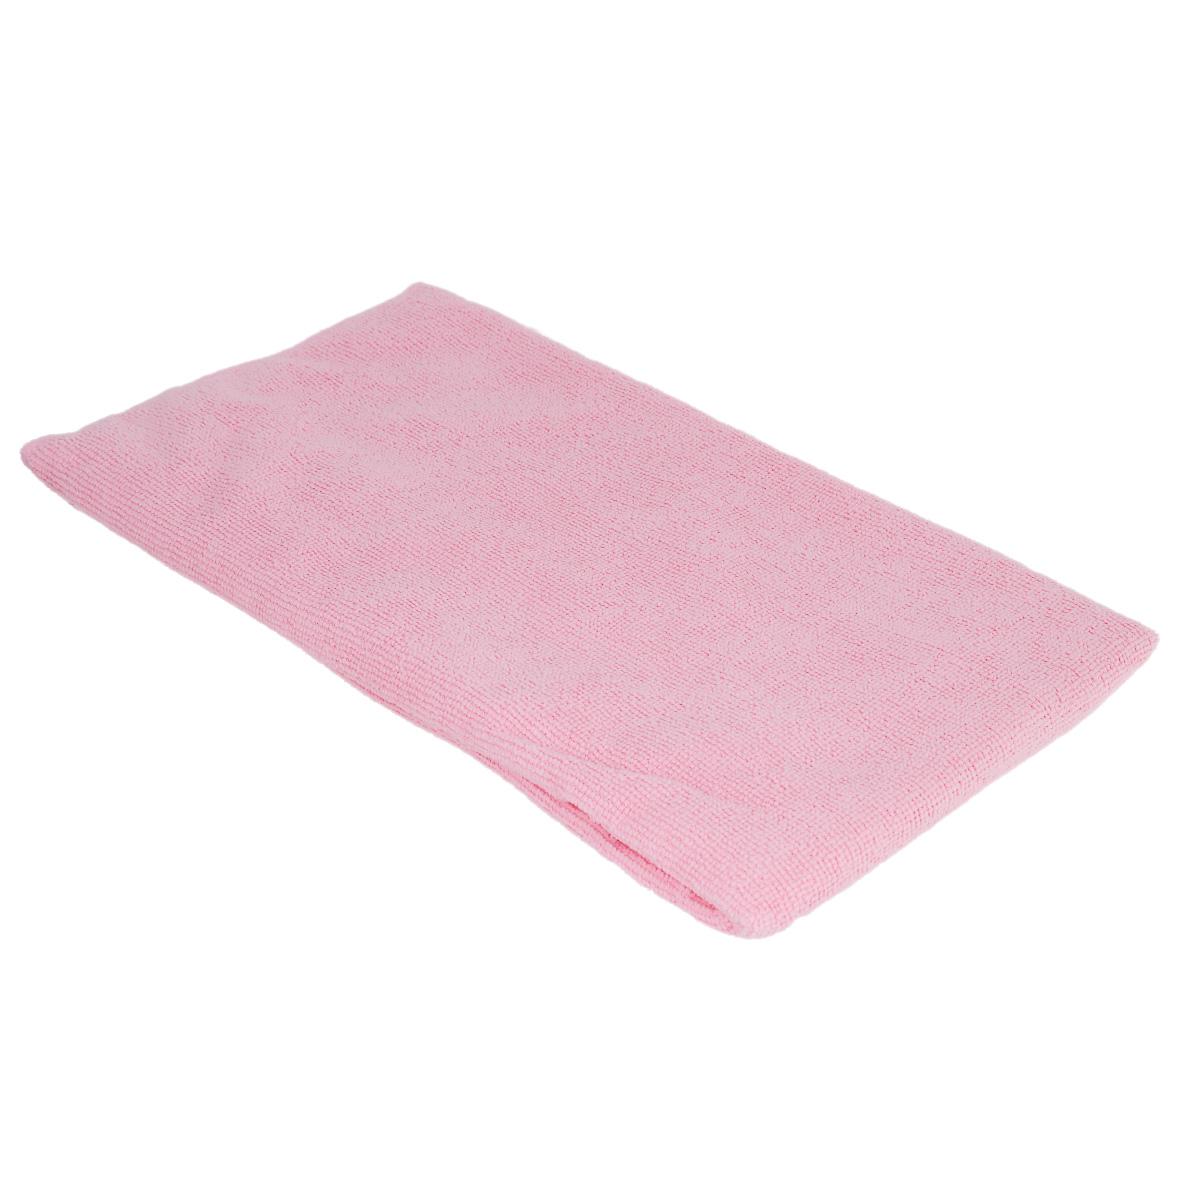 Тряпка для пола Home Queen Макси, цвет: розовый, 70 см х 80 см сумка для коврика венера 16 см 70 см розовый